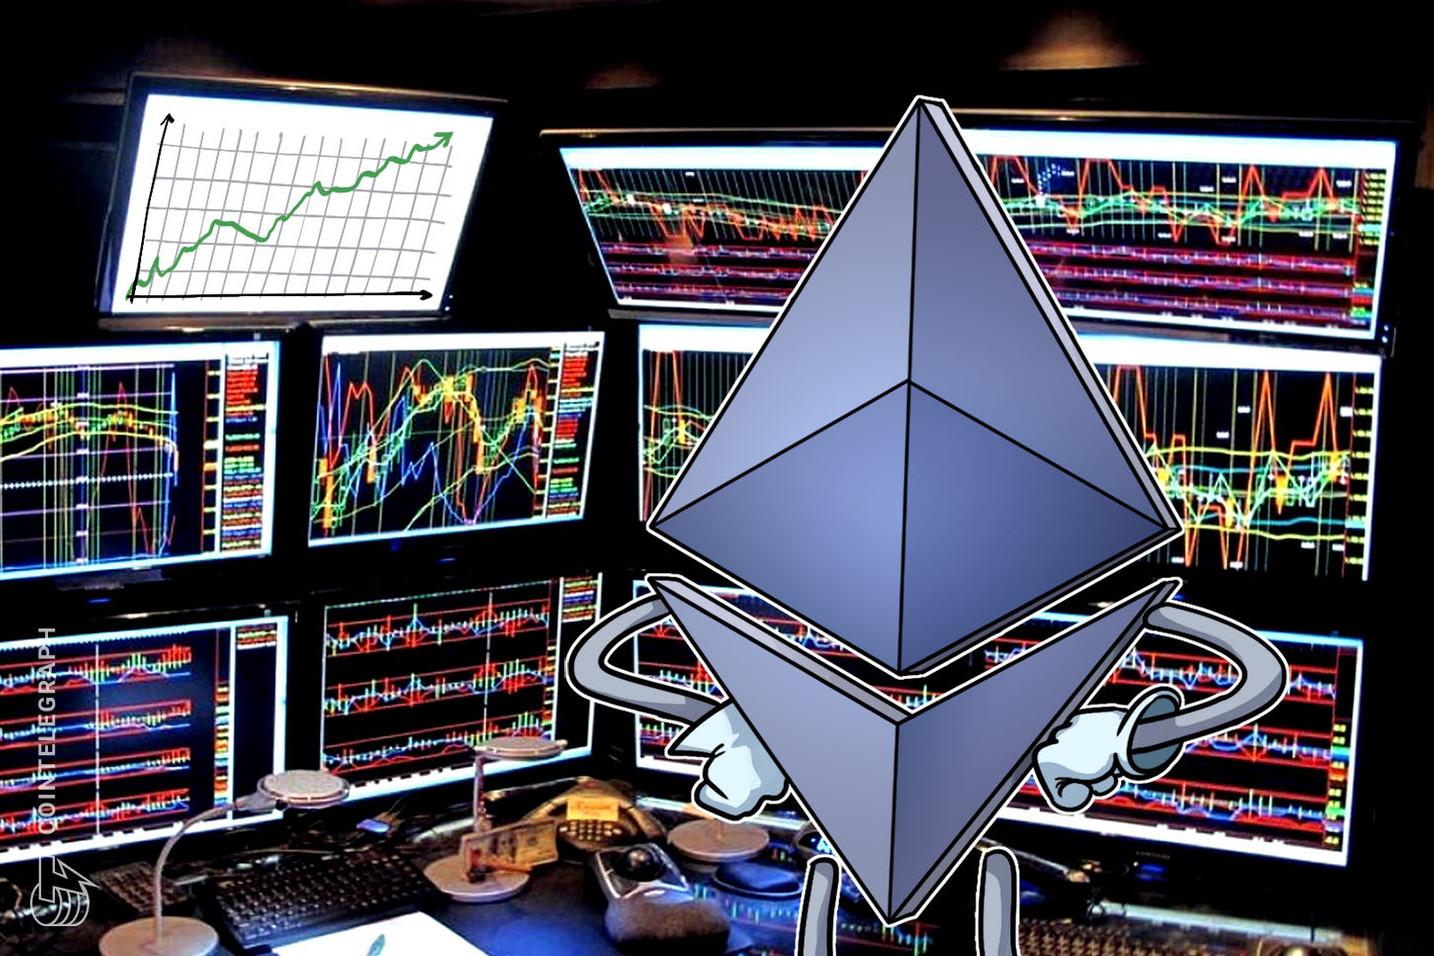 Levantamento diz que apenas 0,01% dos investidores do Ethereum estão com prejuízo acumulado